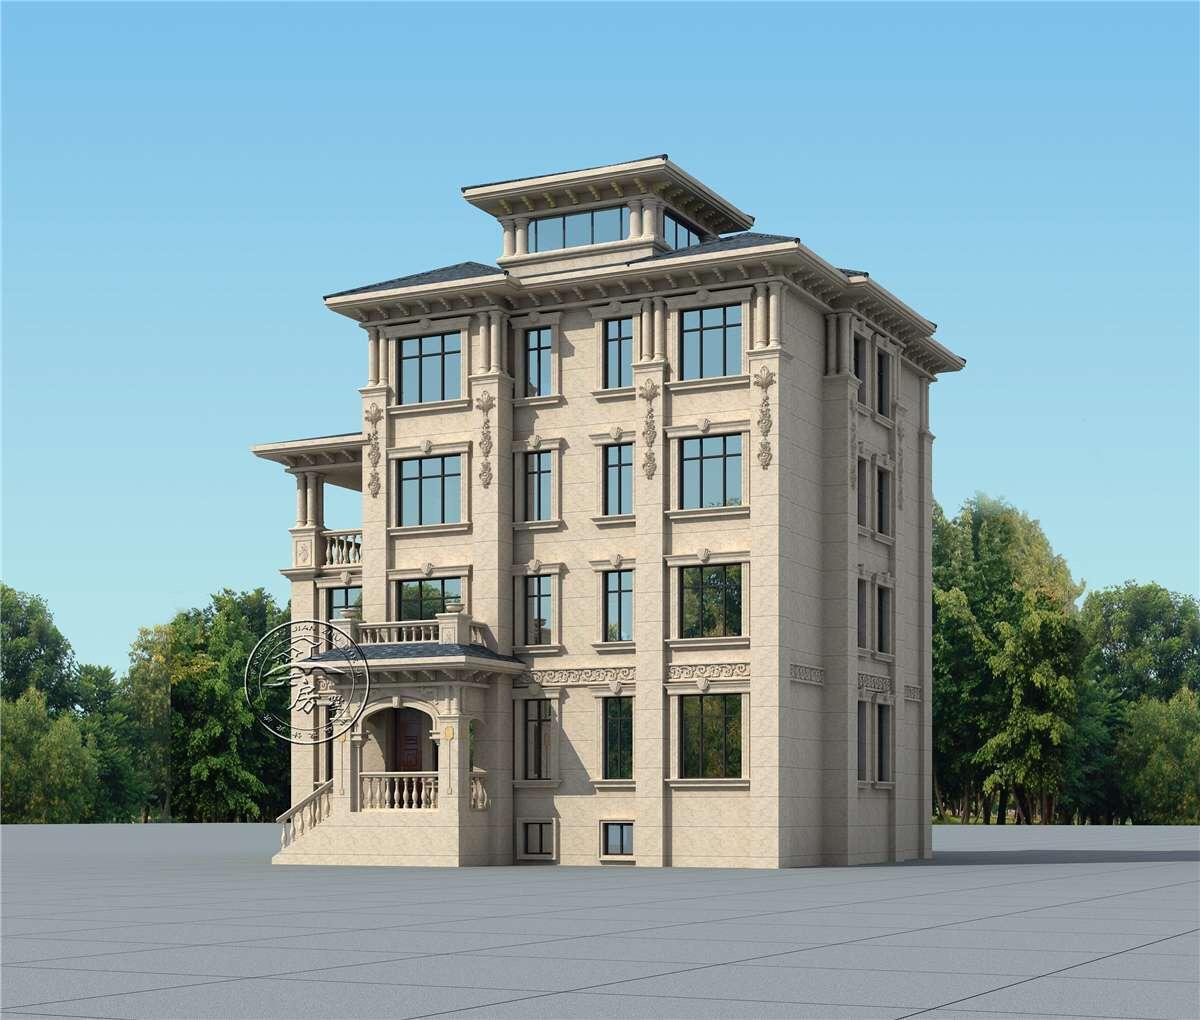 土豪配置的四层欧式别墅,健身房,书房应有尽有,还带